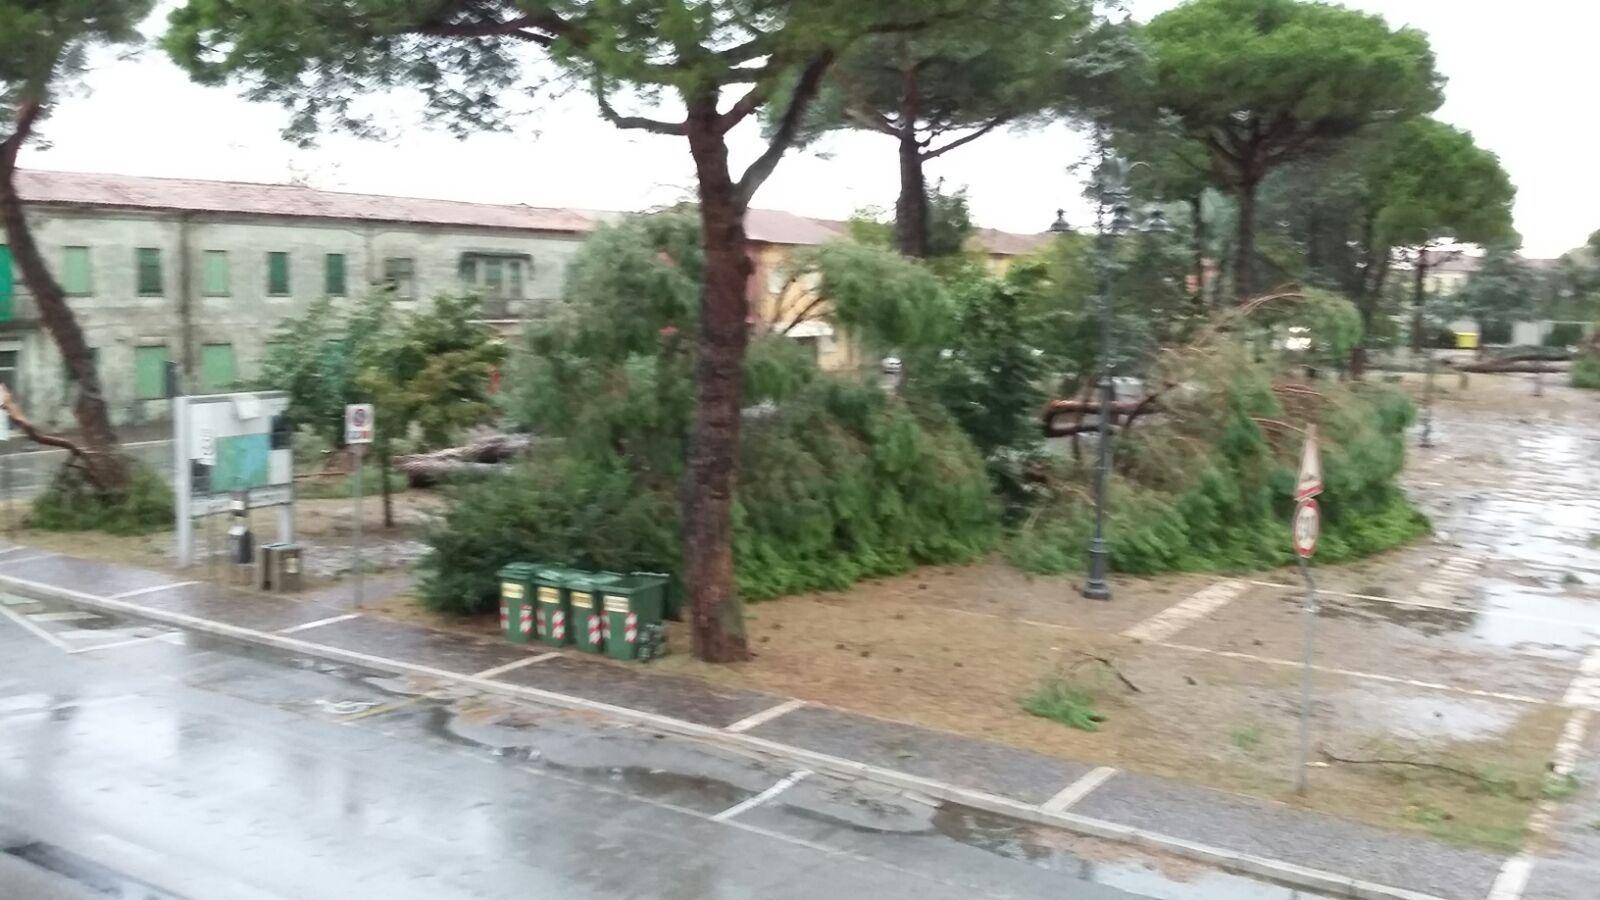 il patio porto viro - 28 images - beautiful il patio porto viro ...